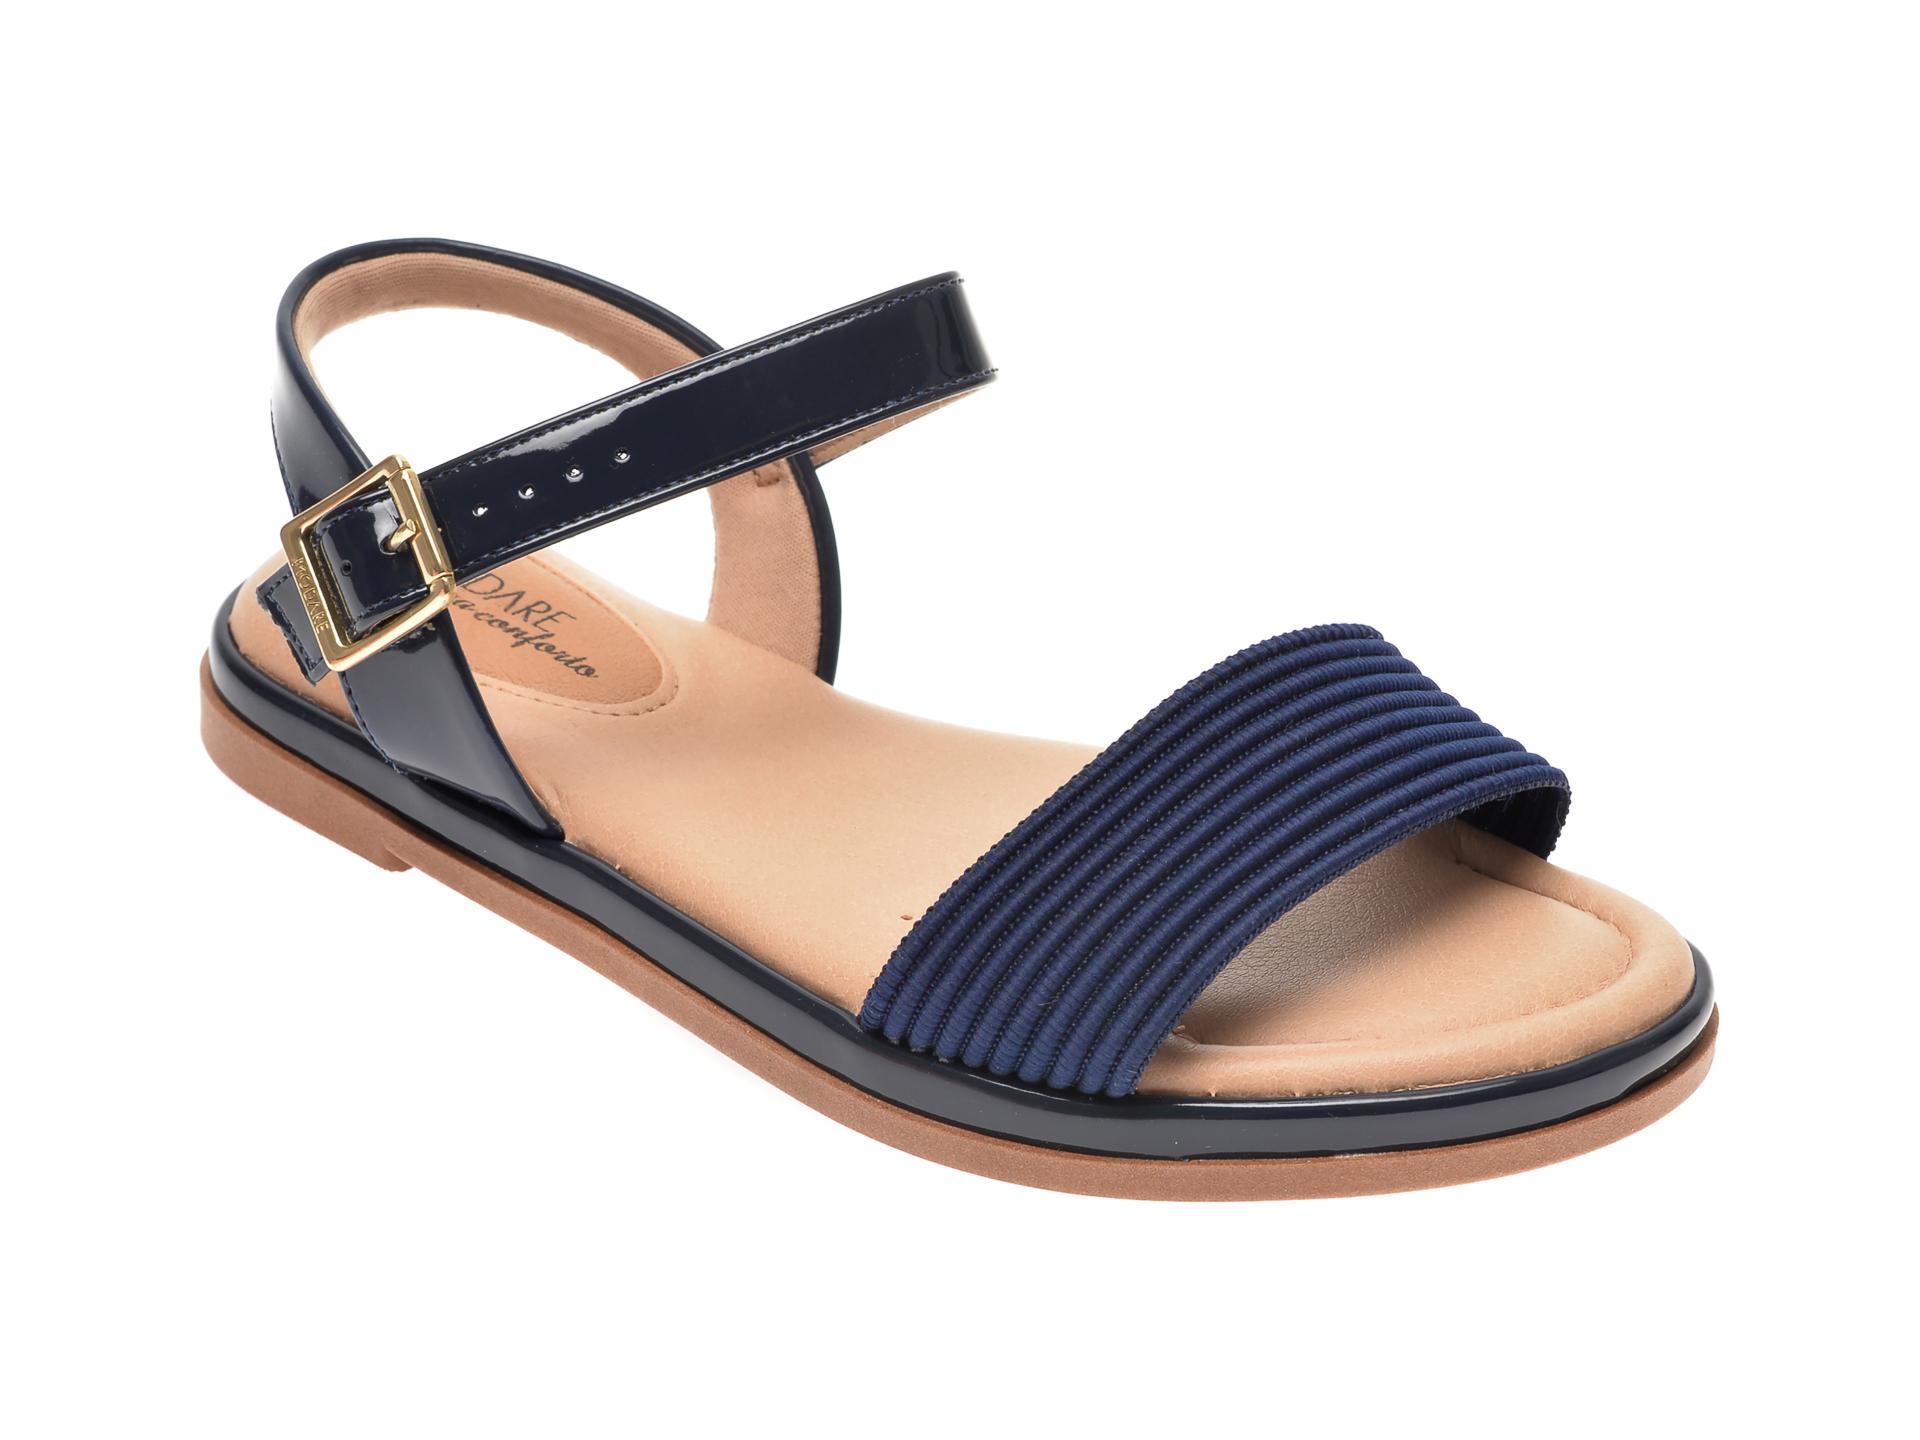 Sandale MODARE bleumarin, 7139108, din piele ecologica